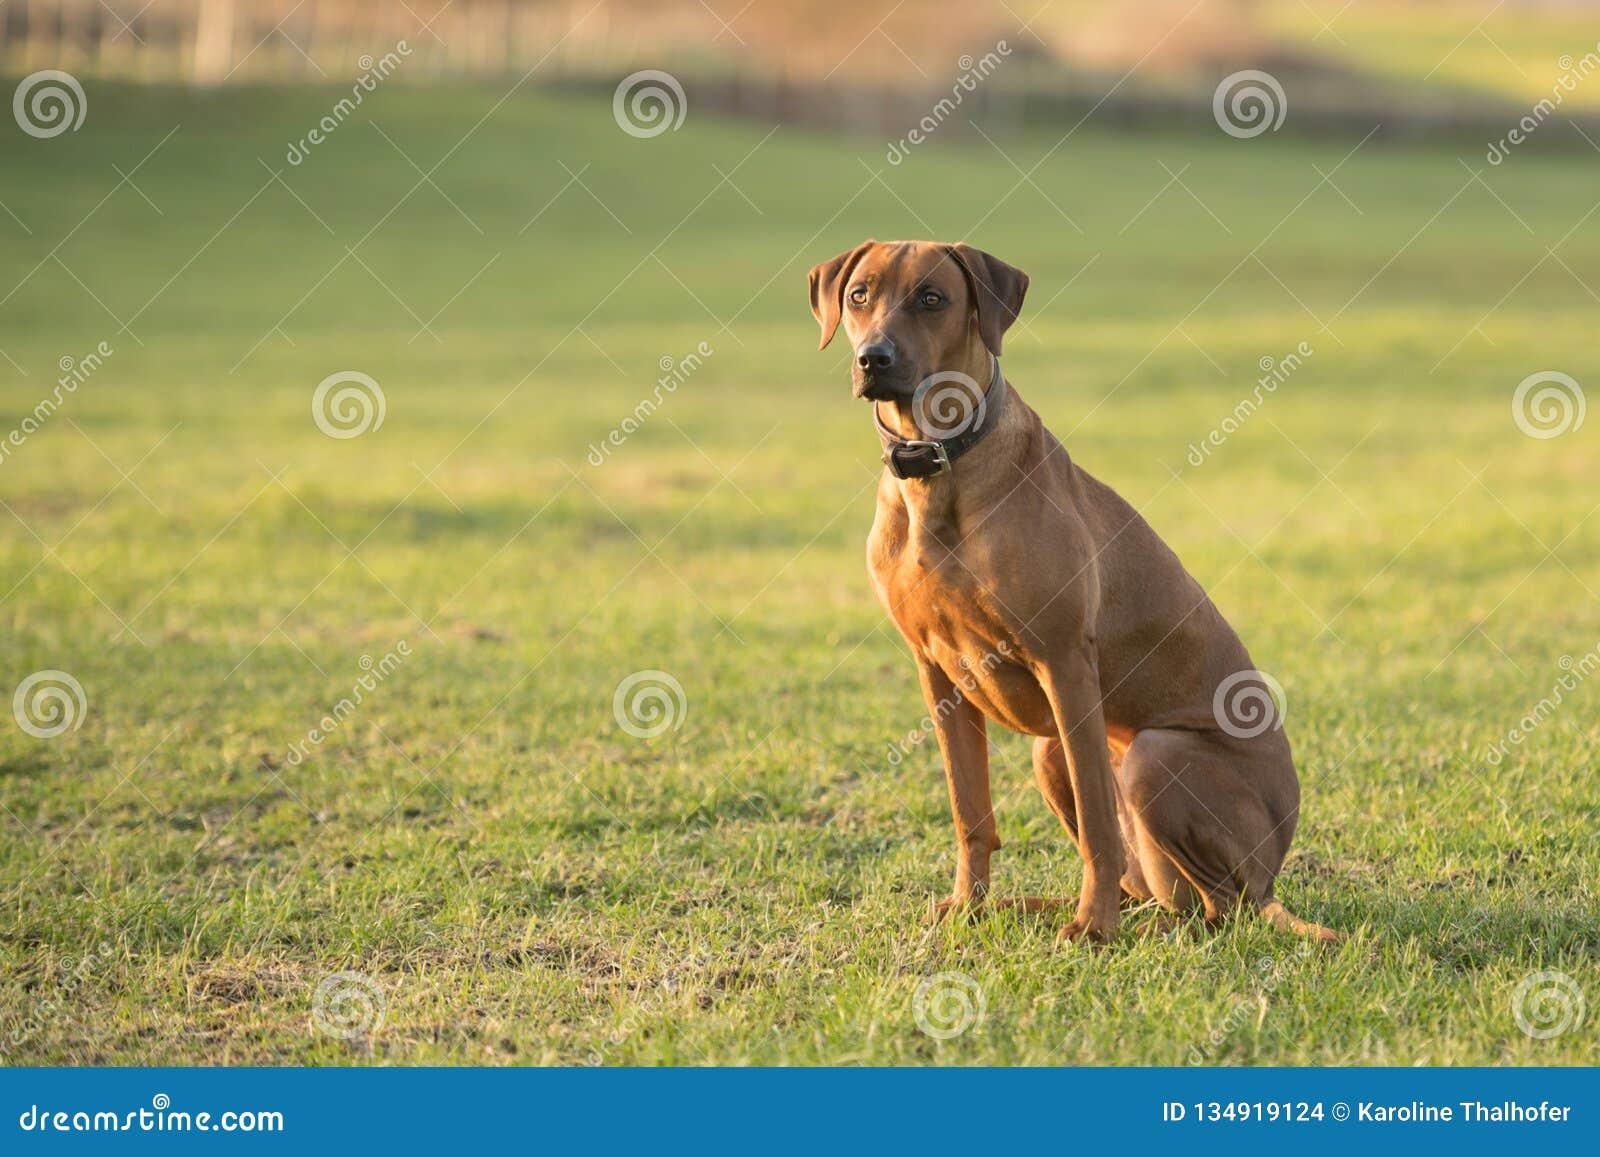 Το υπερήφανο σκυλί Rhodesian Ridgeback κάθεται σε ένα πράσινο λιβάδι στο θολωμένο κλίμα